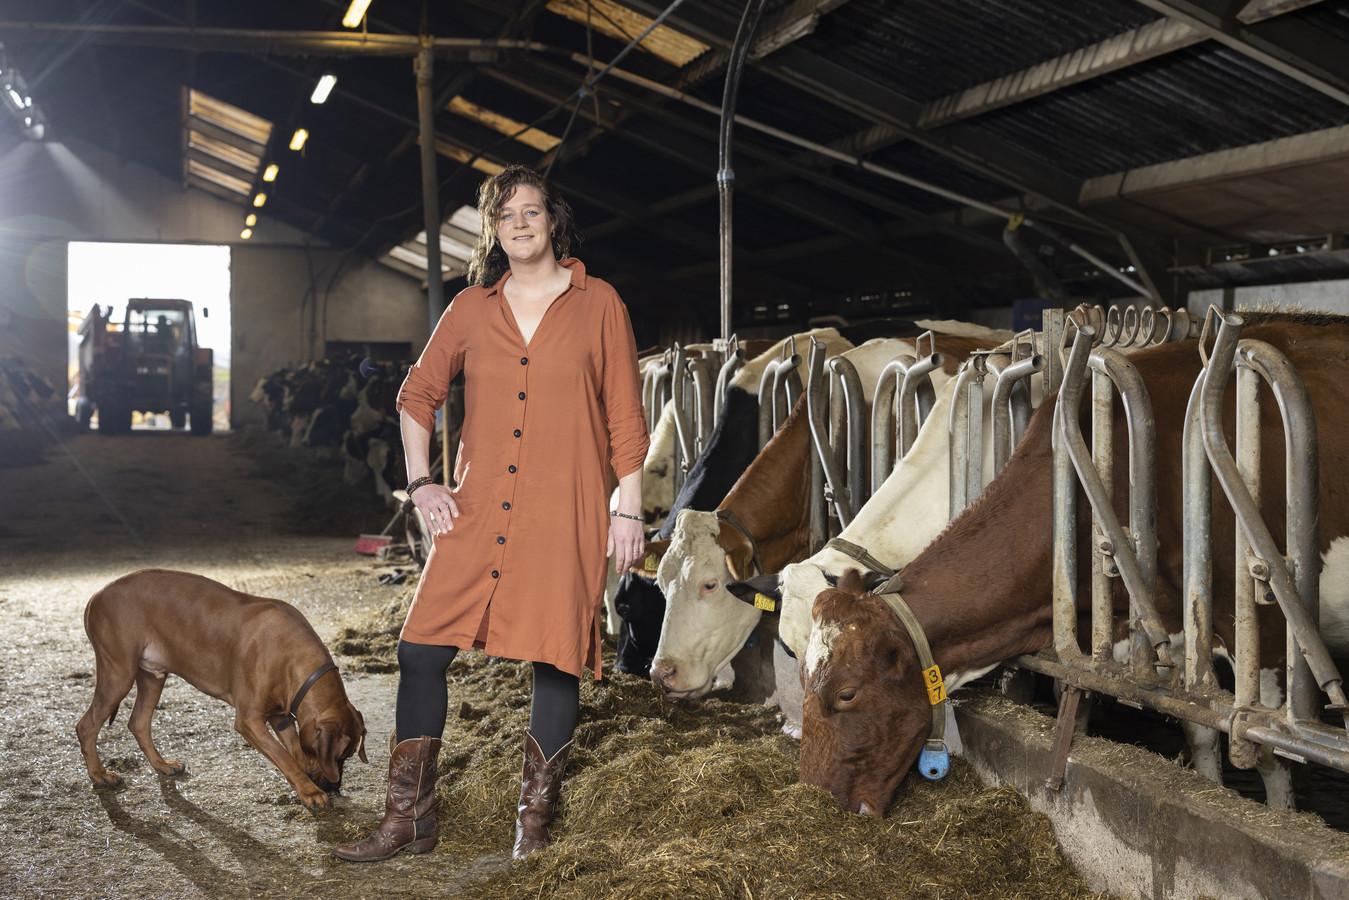 """De Holtense Michelle Bloemendal wil in april haar zorgboerderij op orde hebben om cliënten dagbesteding te kunnen aanbieden. """"Er is hier voor elk wat wils. De eieren moeten worden geraapt en de schapen hebben verzorging nodig."""""""